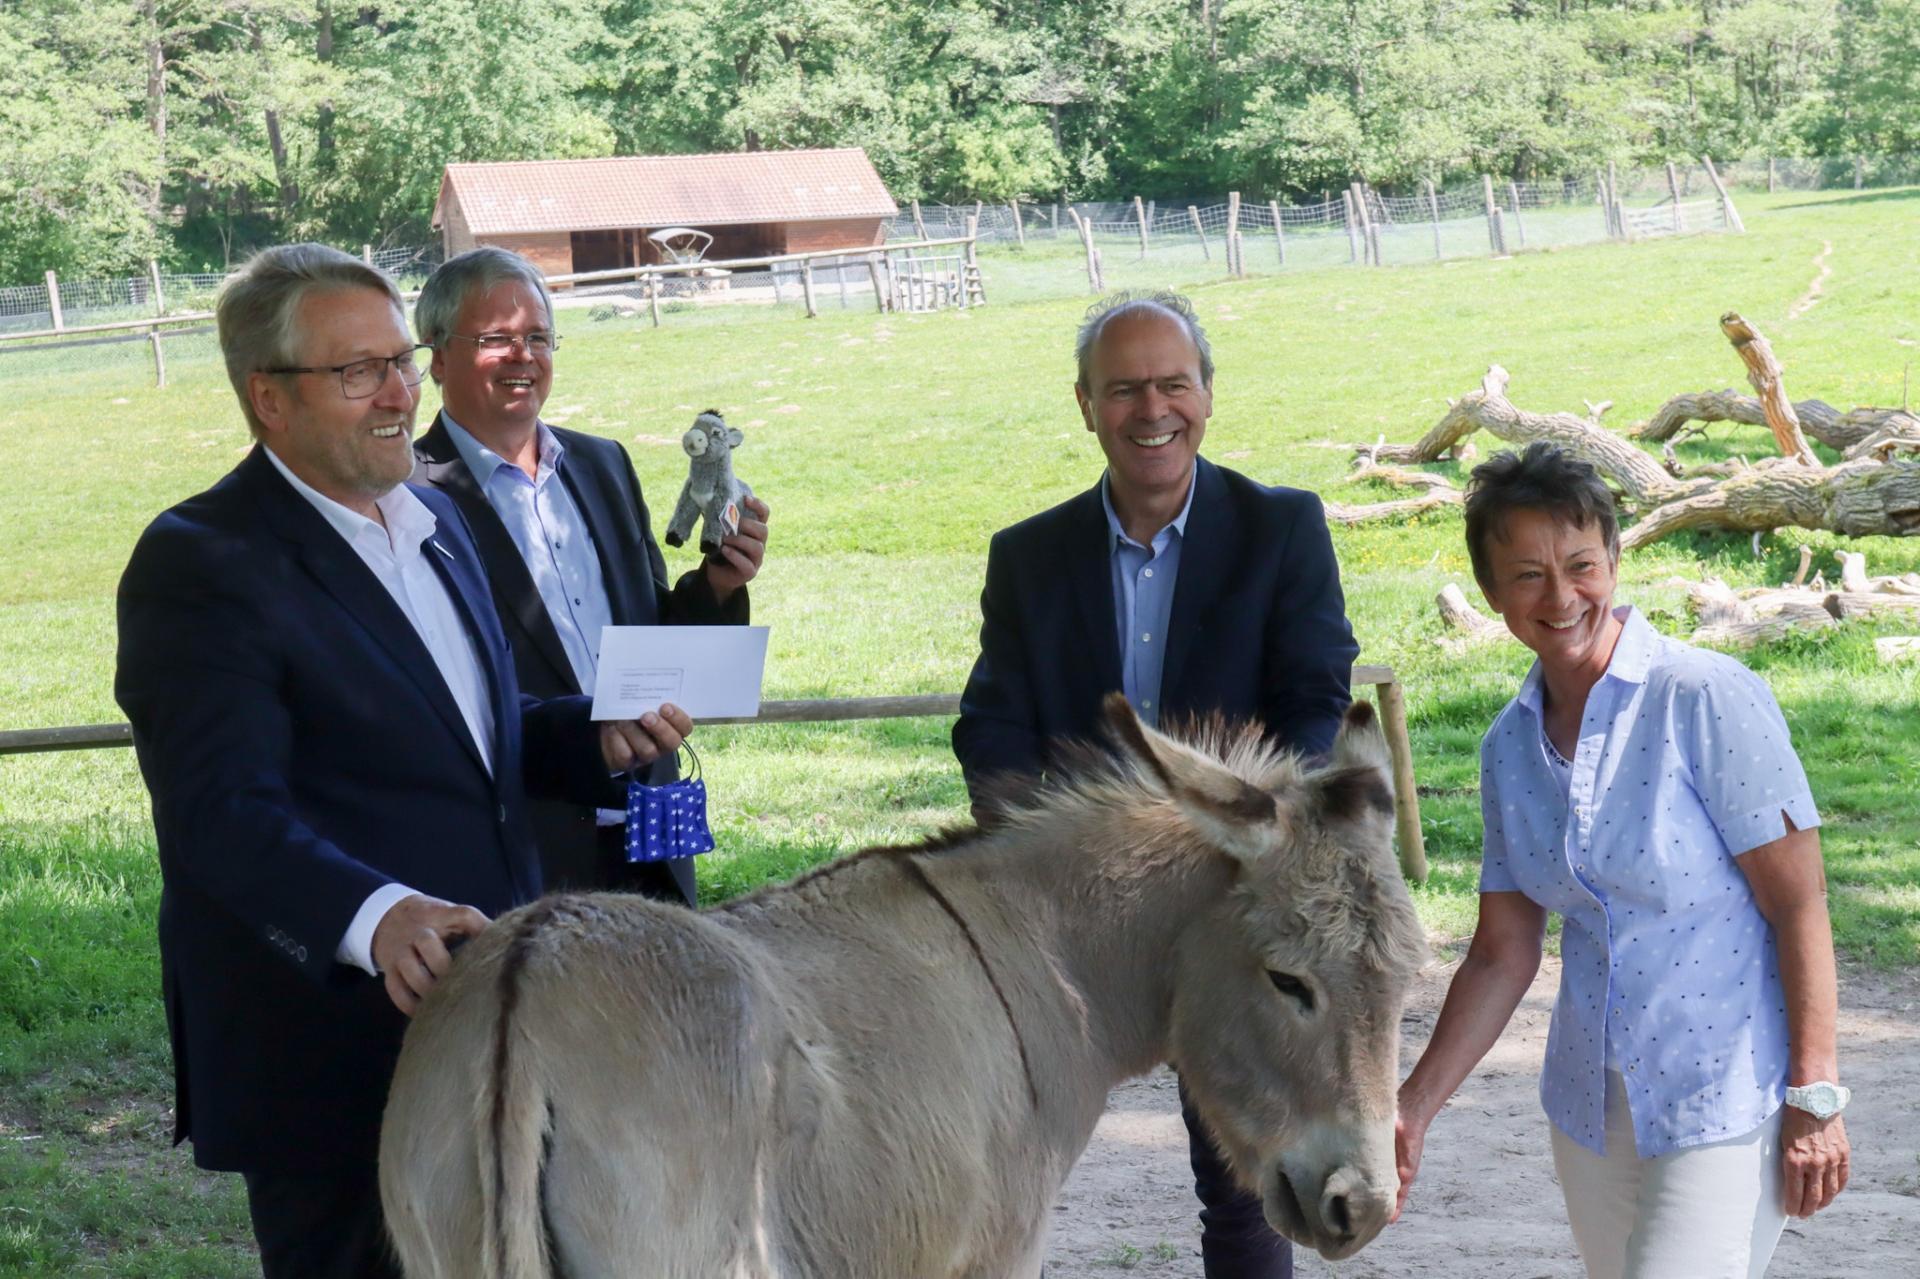 SPD Kreistagsfraktion spendet Aufwandsentschädigung